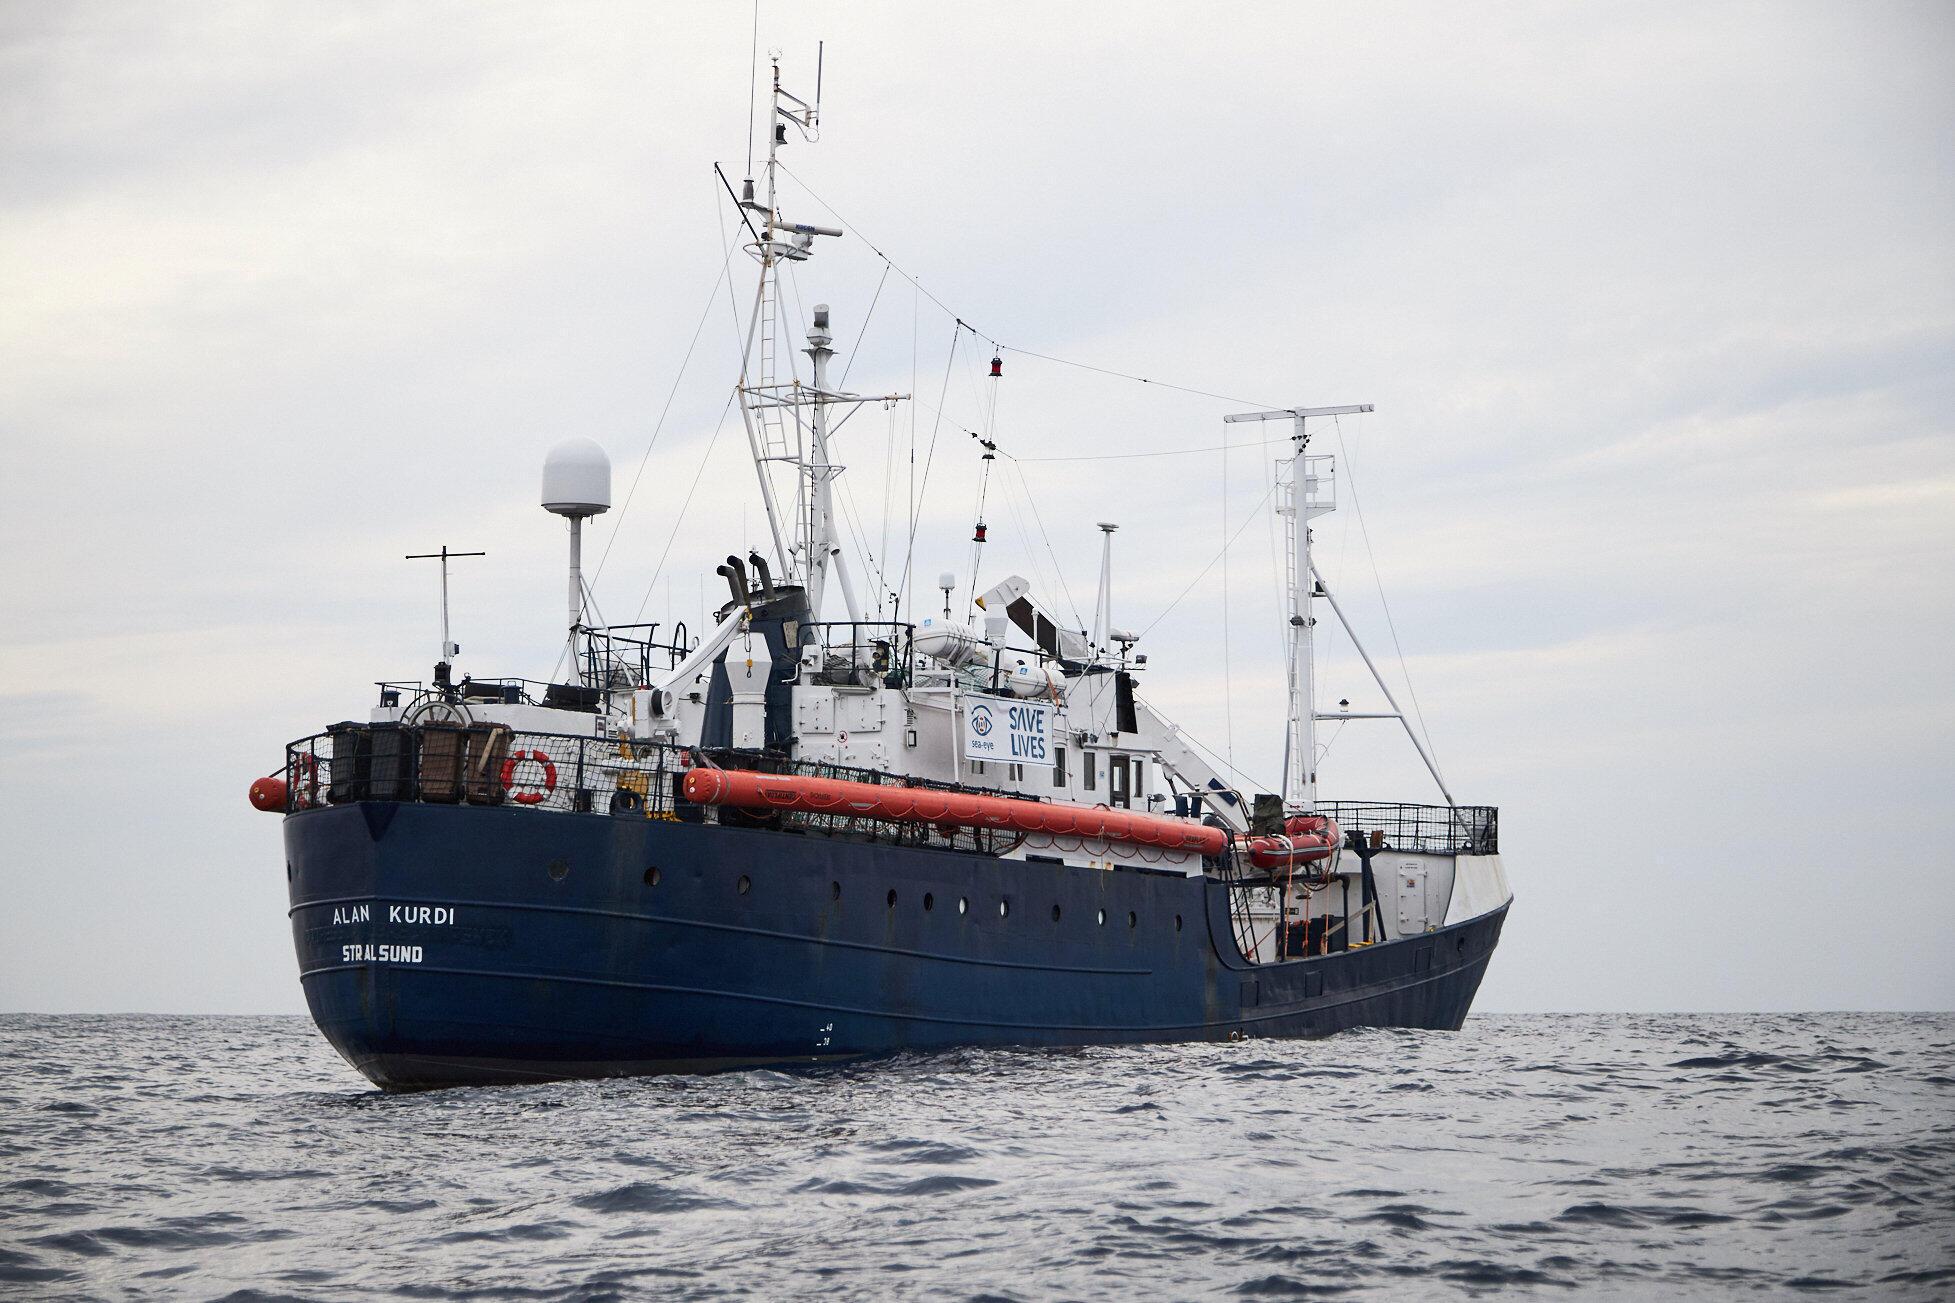 Barco Alan Kurdi  da ONG alemã Sea Eye que ajuda migrantes da costa líbia a chegar a Malta